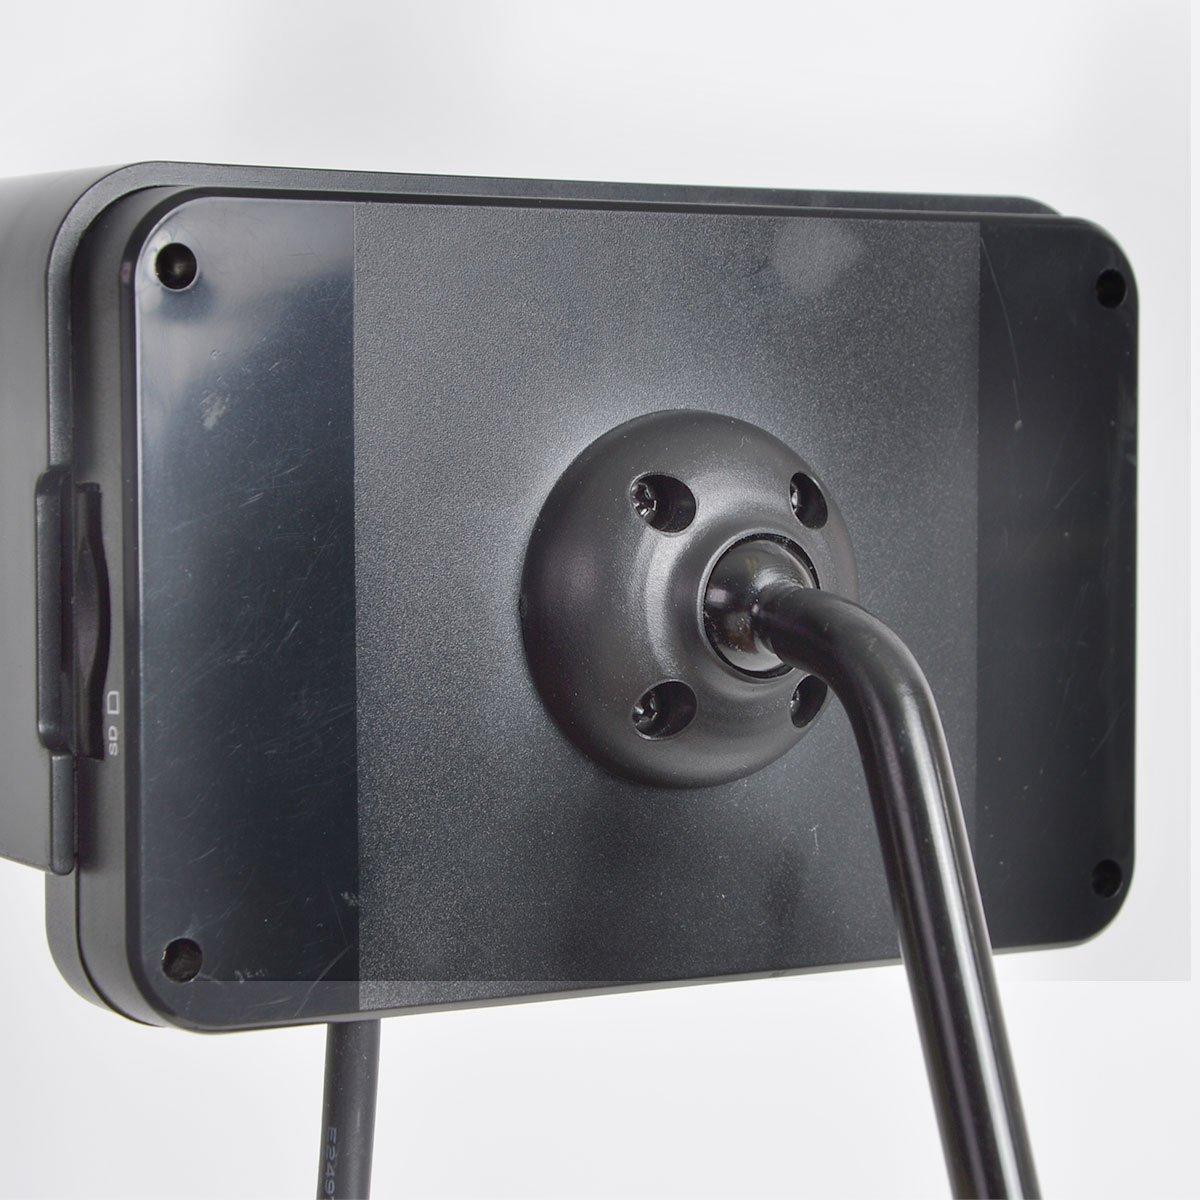 TRUSCO VE5S型キャビネット 500X550XH600 引出5段 VE5S605TRUSCO FUラック60物流保管用品工場用保管設備キャビネット